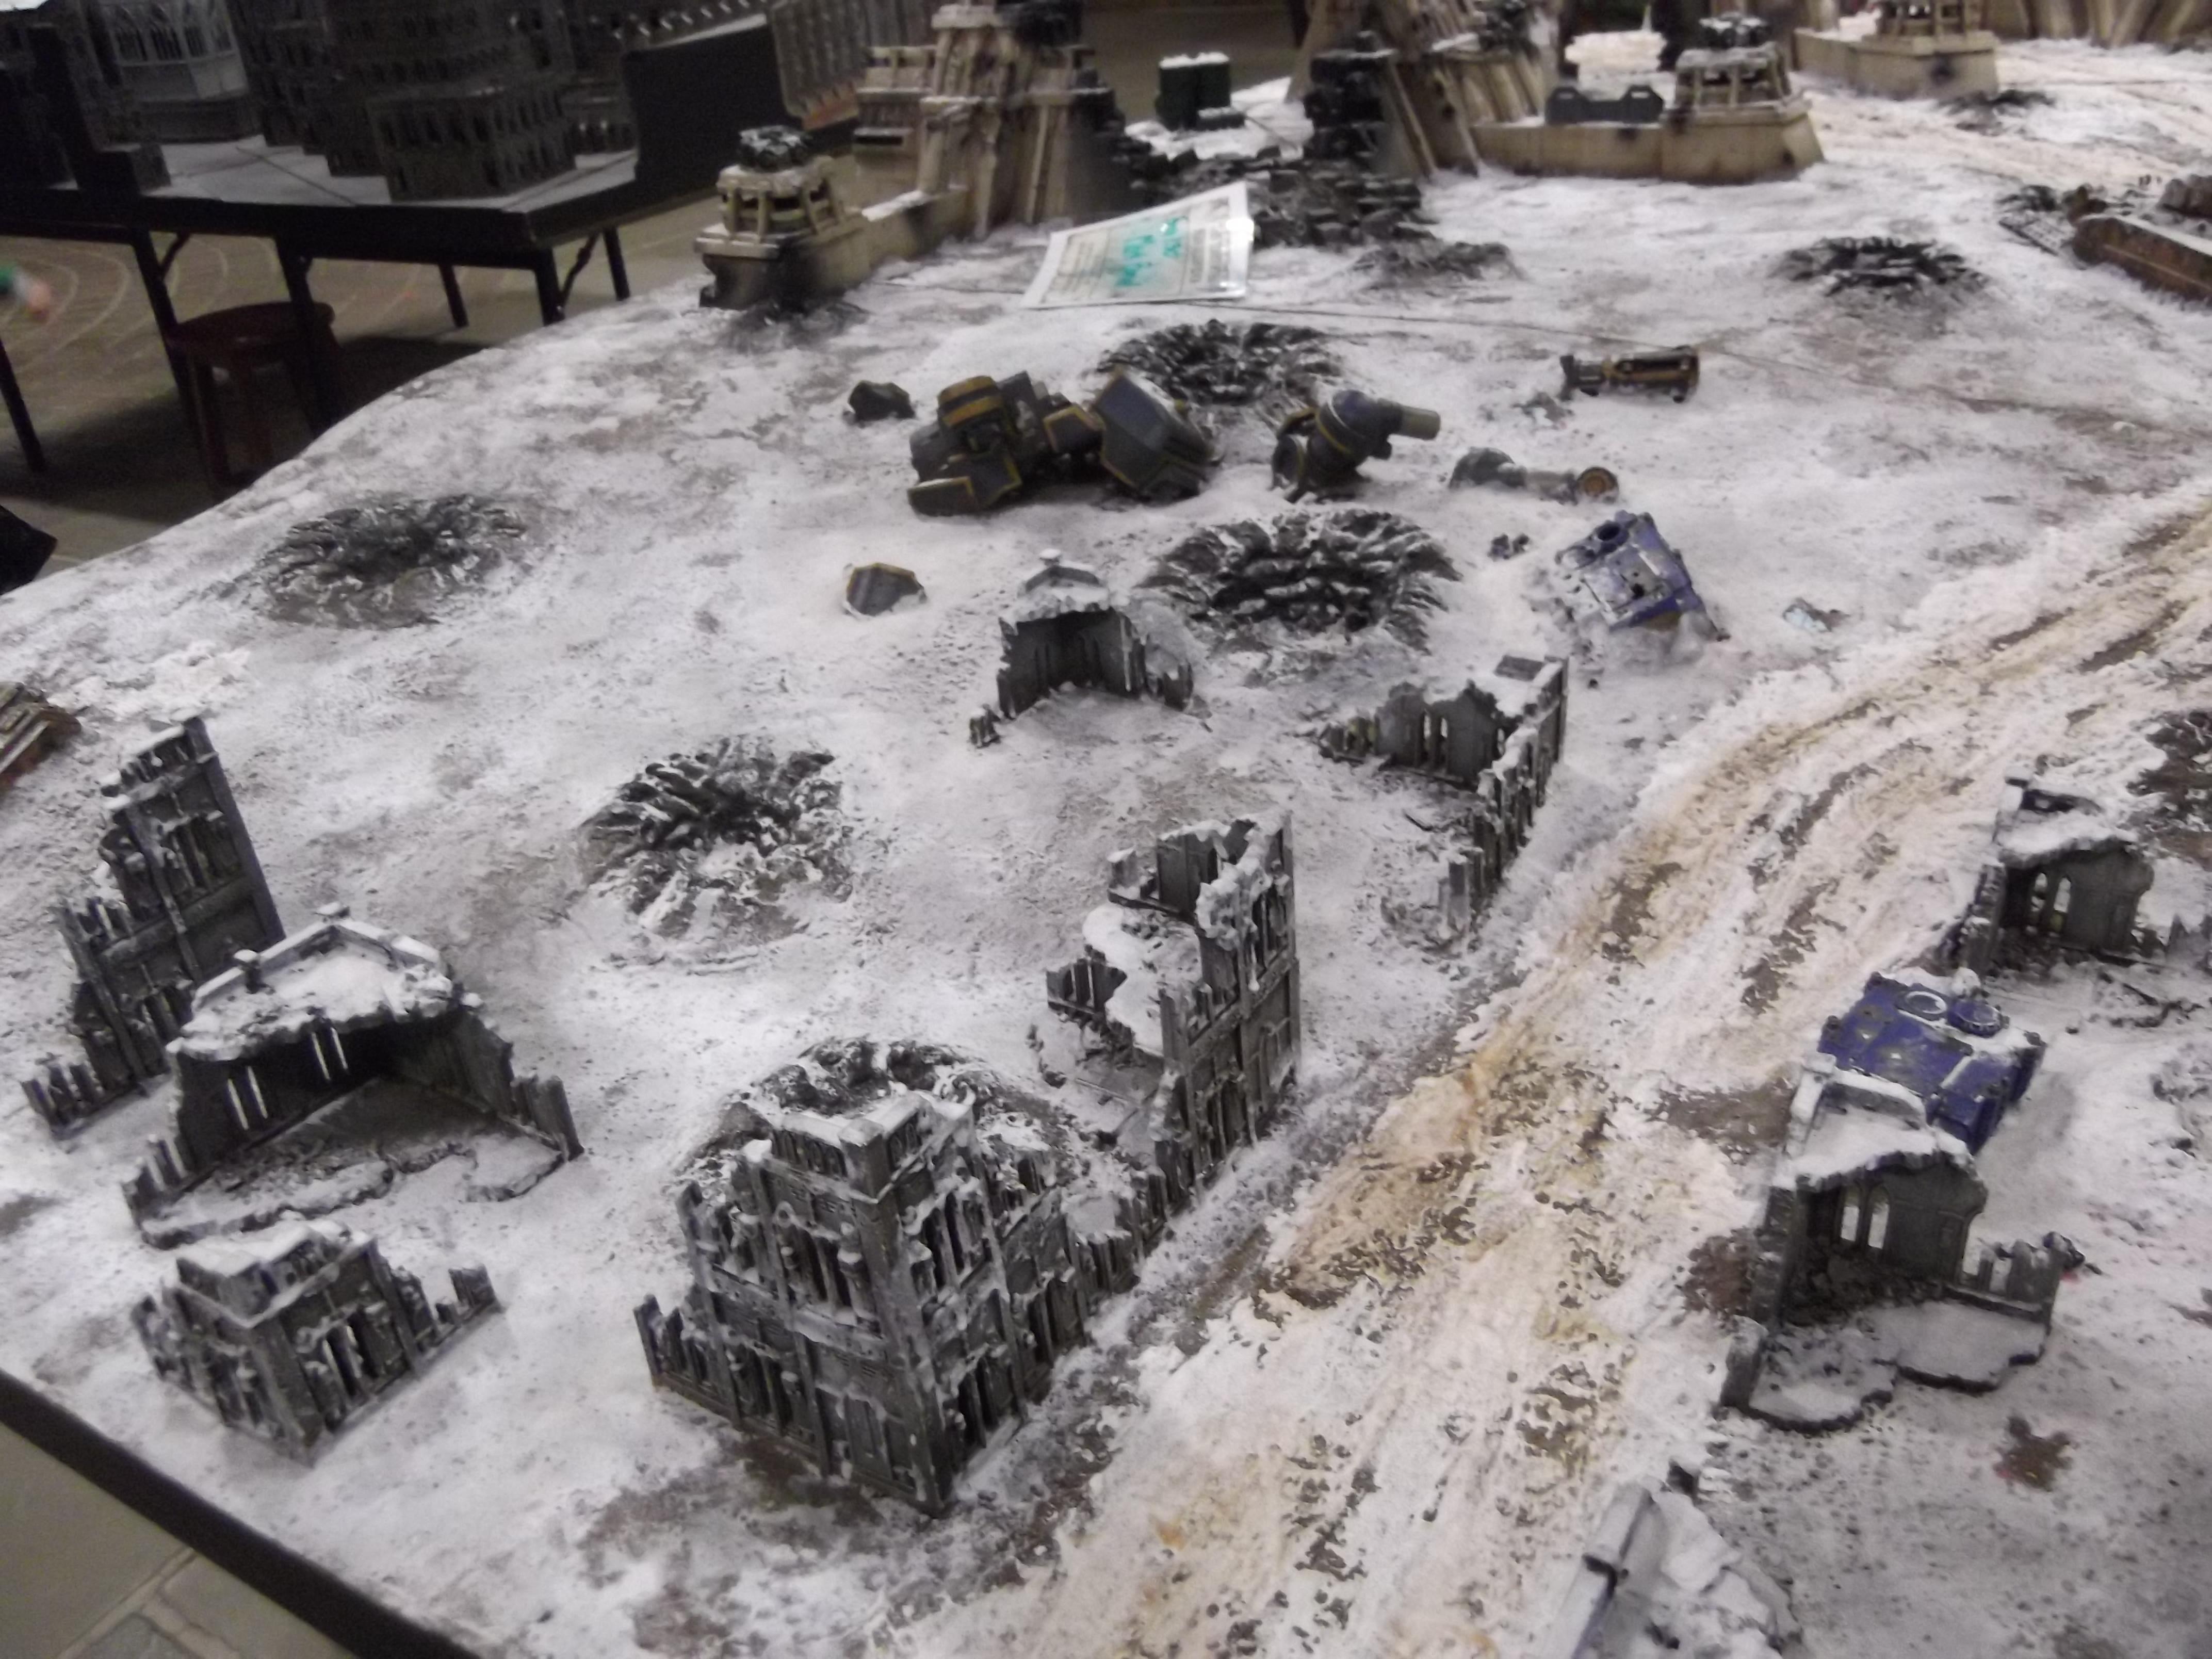 Ruins, Snow, Terrain